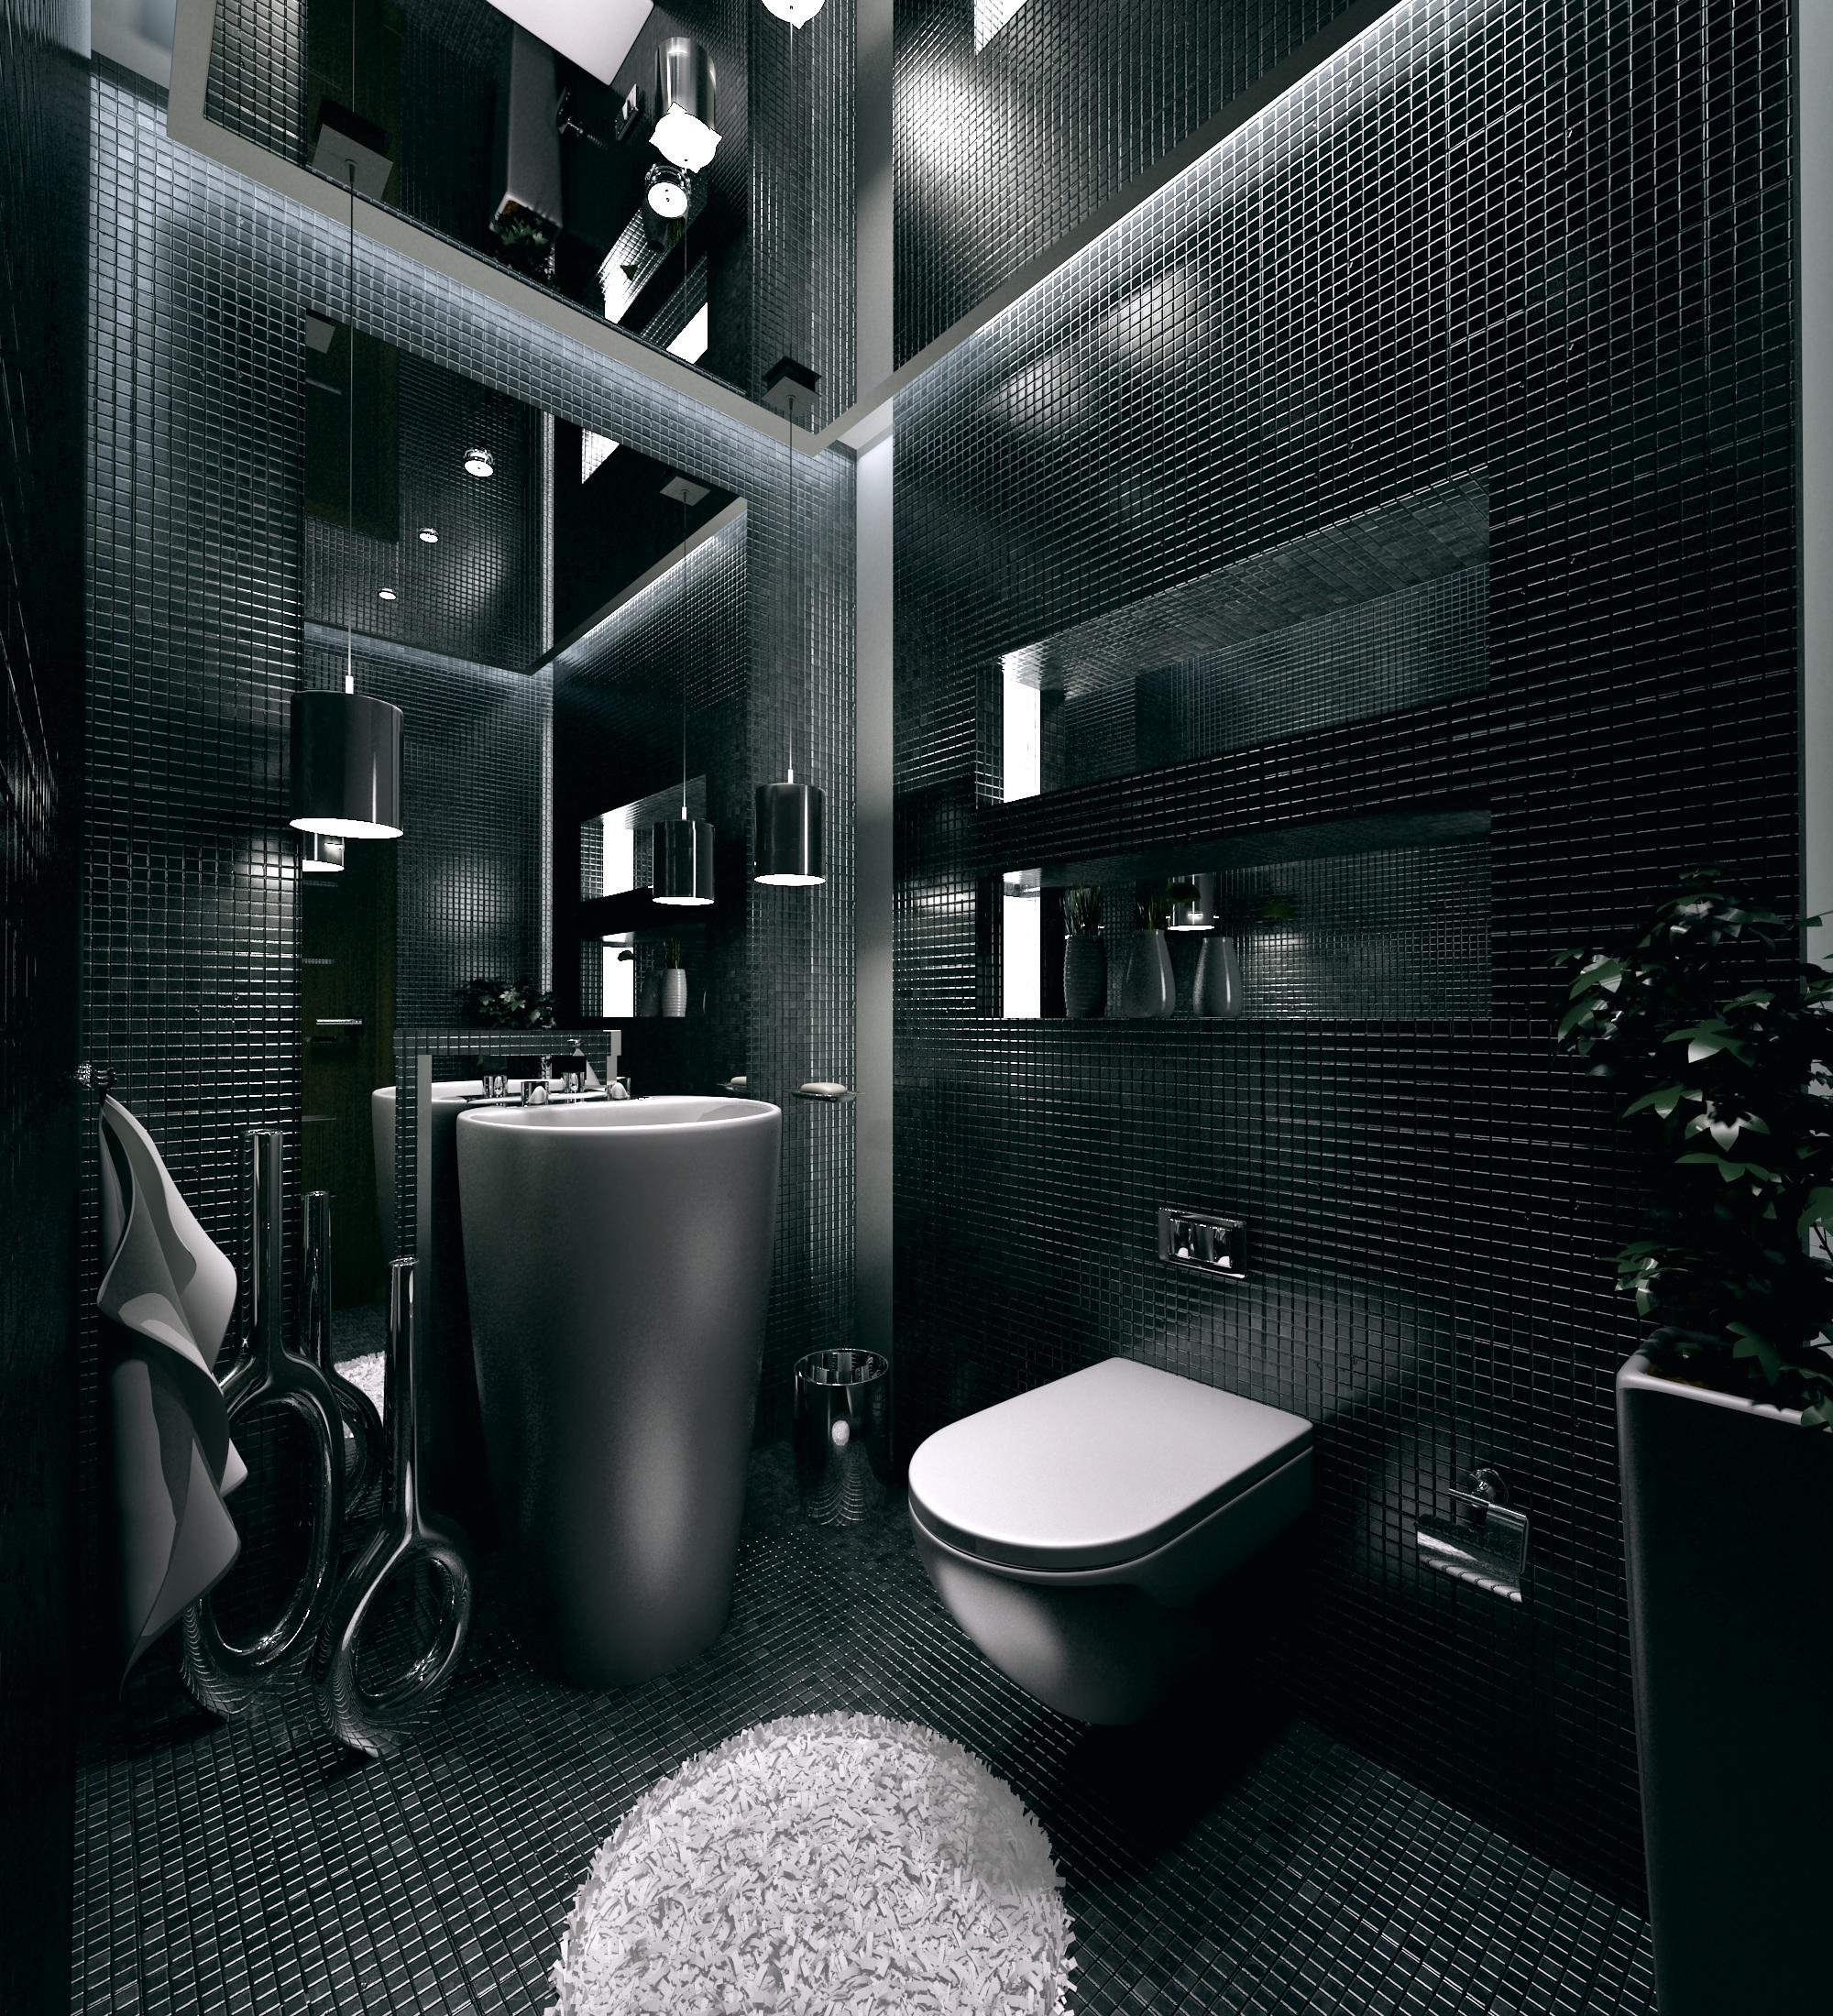 Bathroom by kasrawy on deviantart for Dark bathroom designs